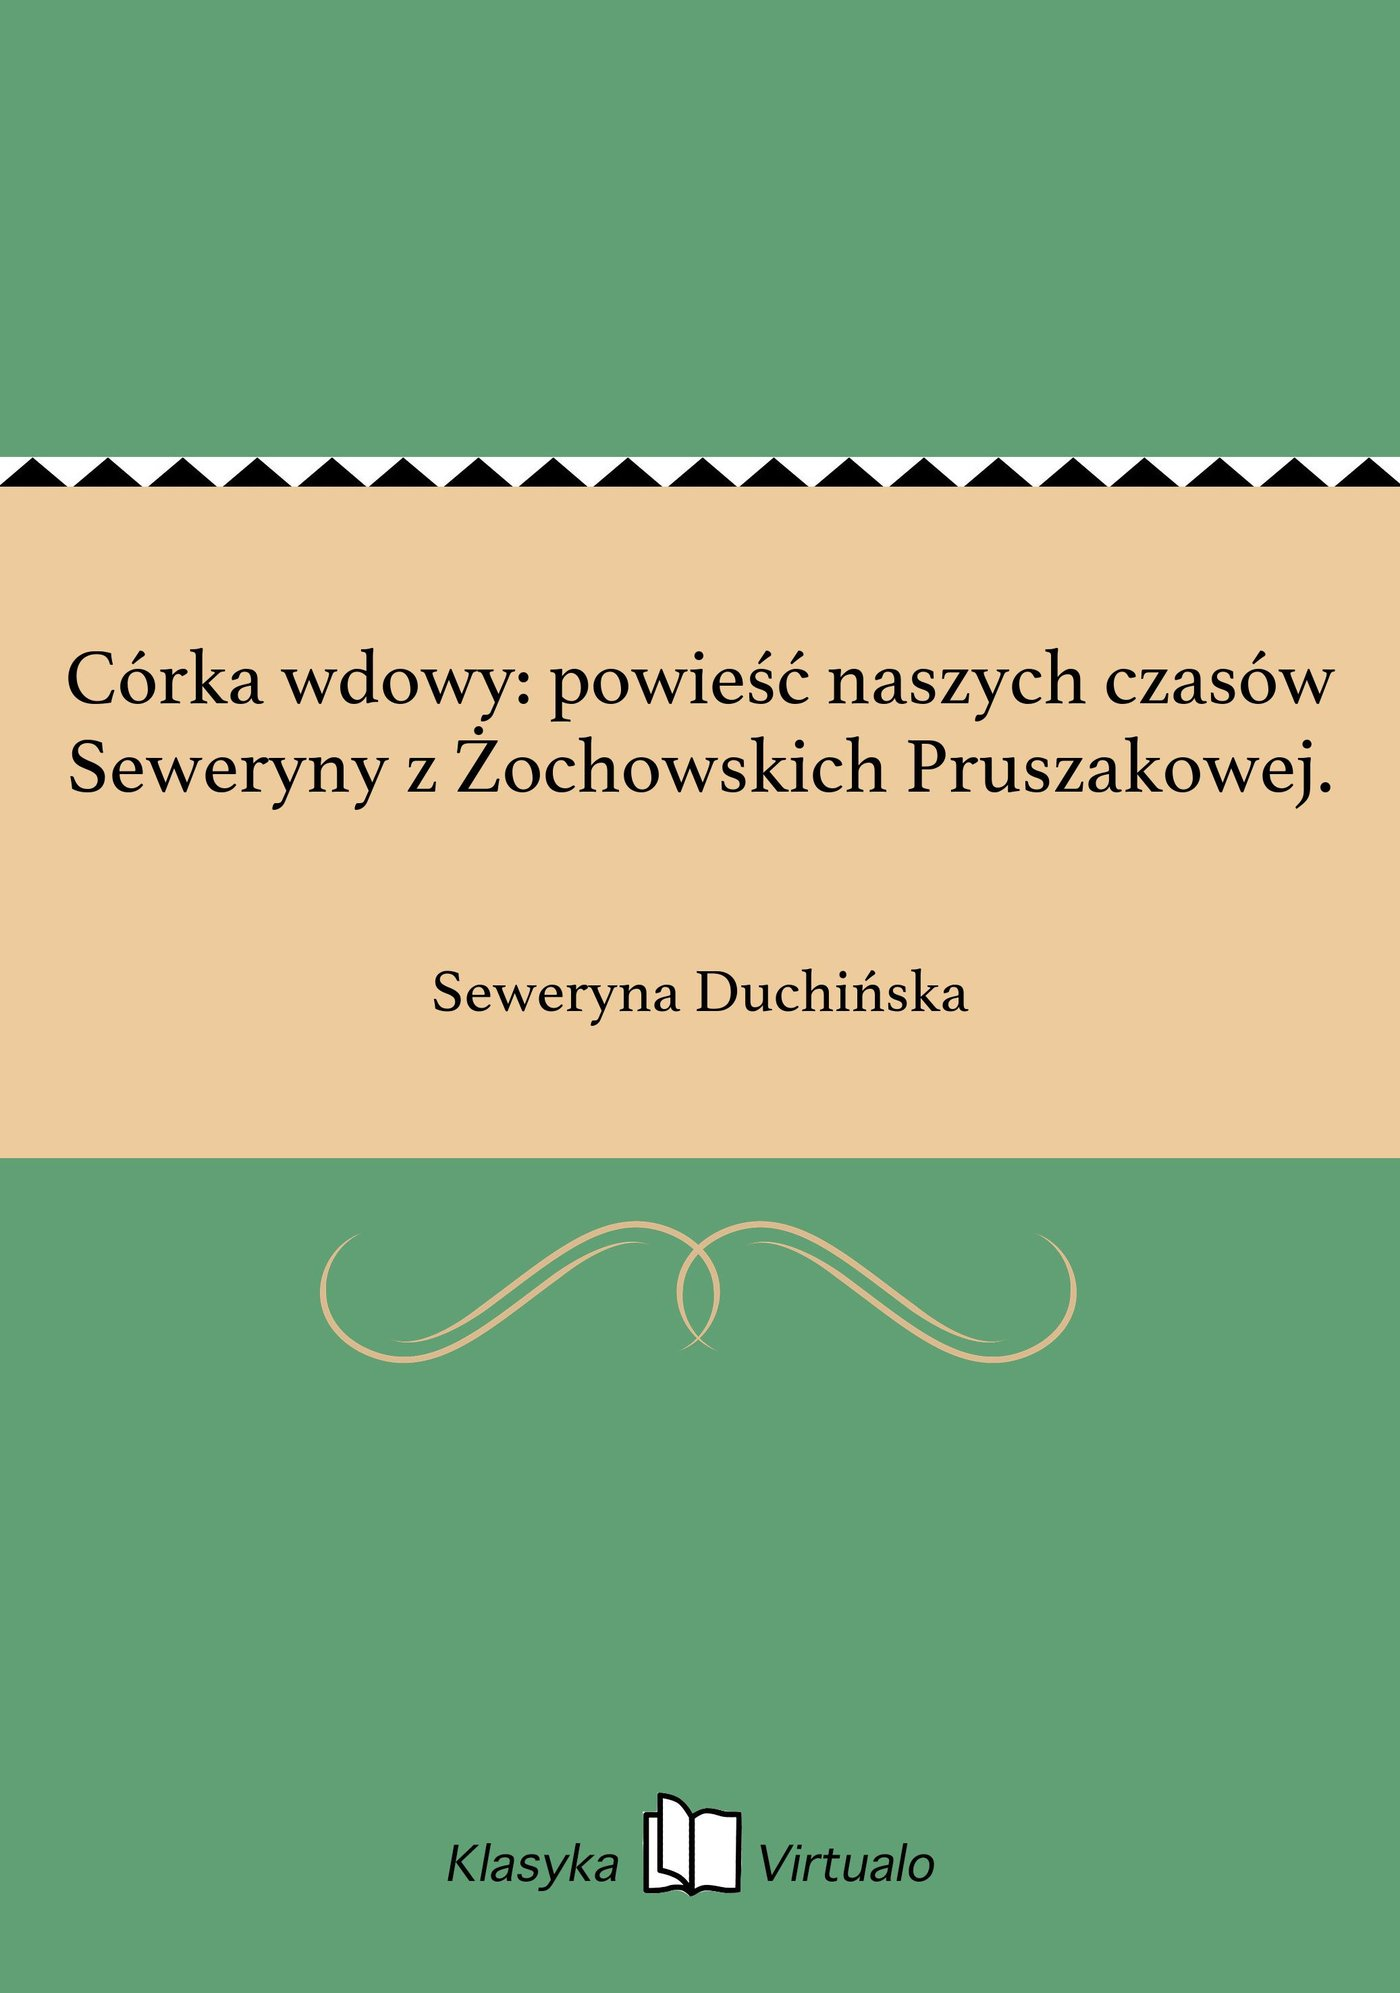 Córka wdowy: powieść naszych czasów Seweryny z Żochowskich Pruszakowej. - Ebook (Książka na Kindle) do pobrania w formacie MOBI